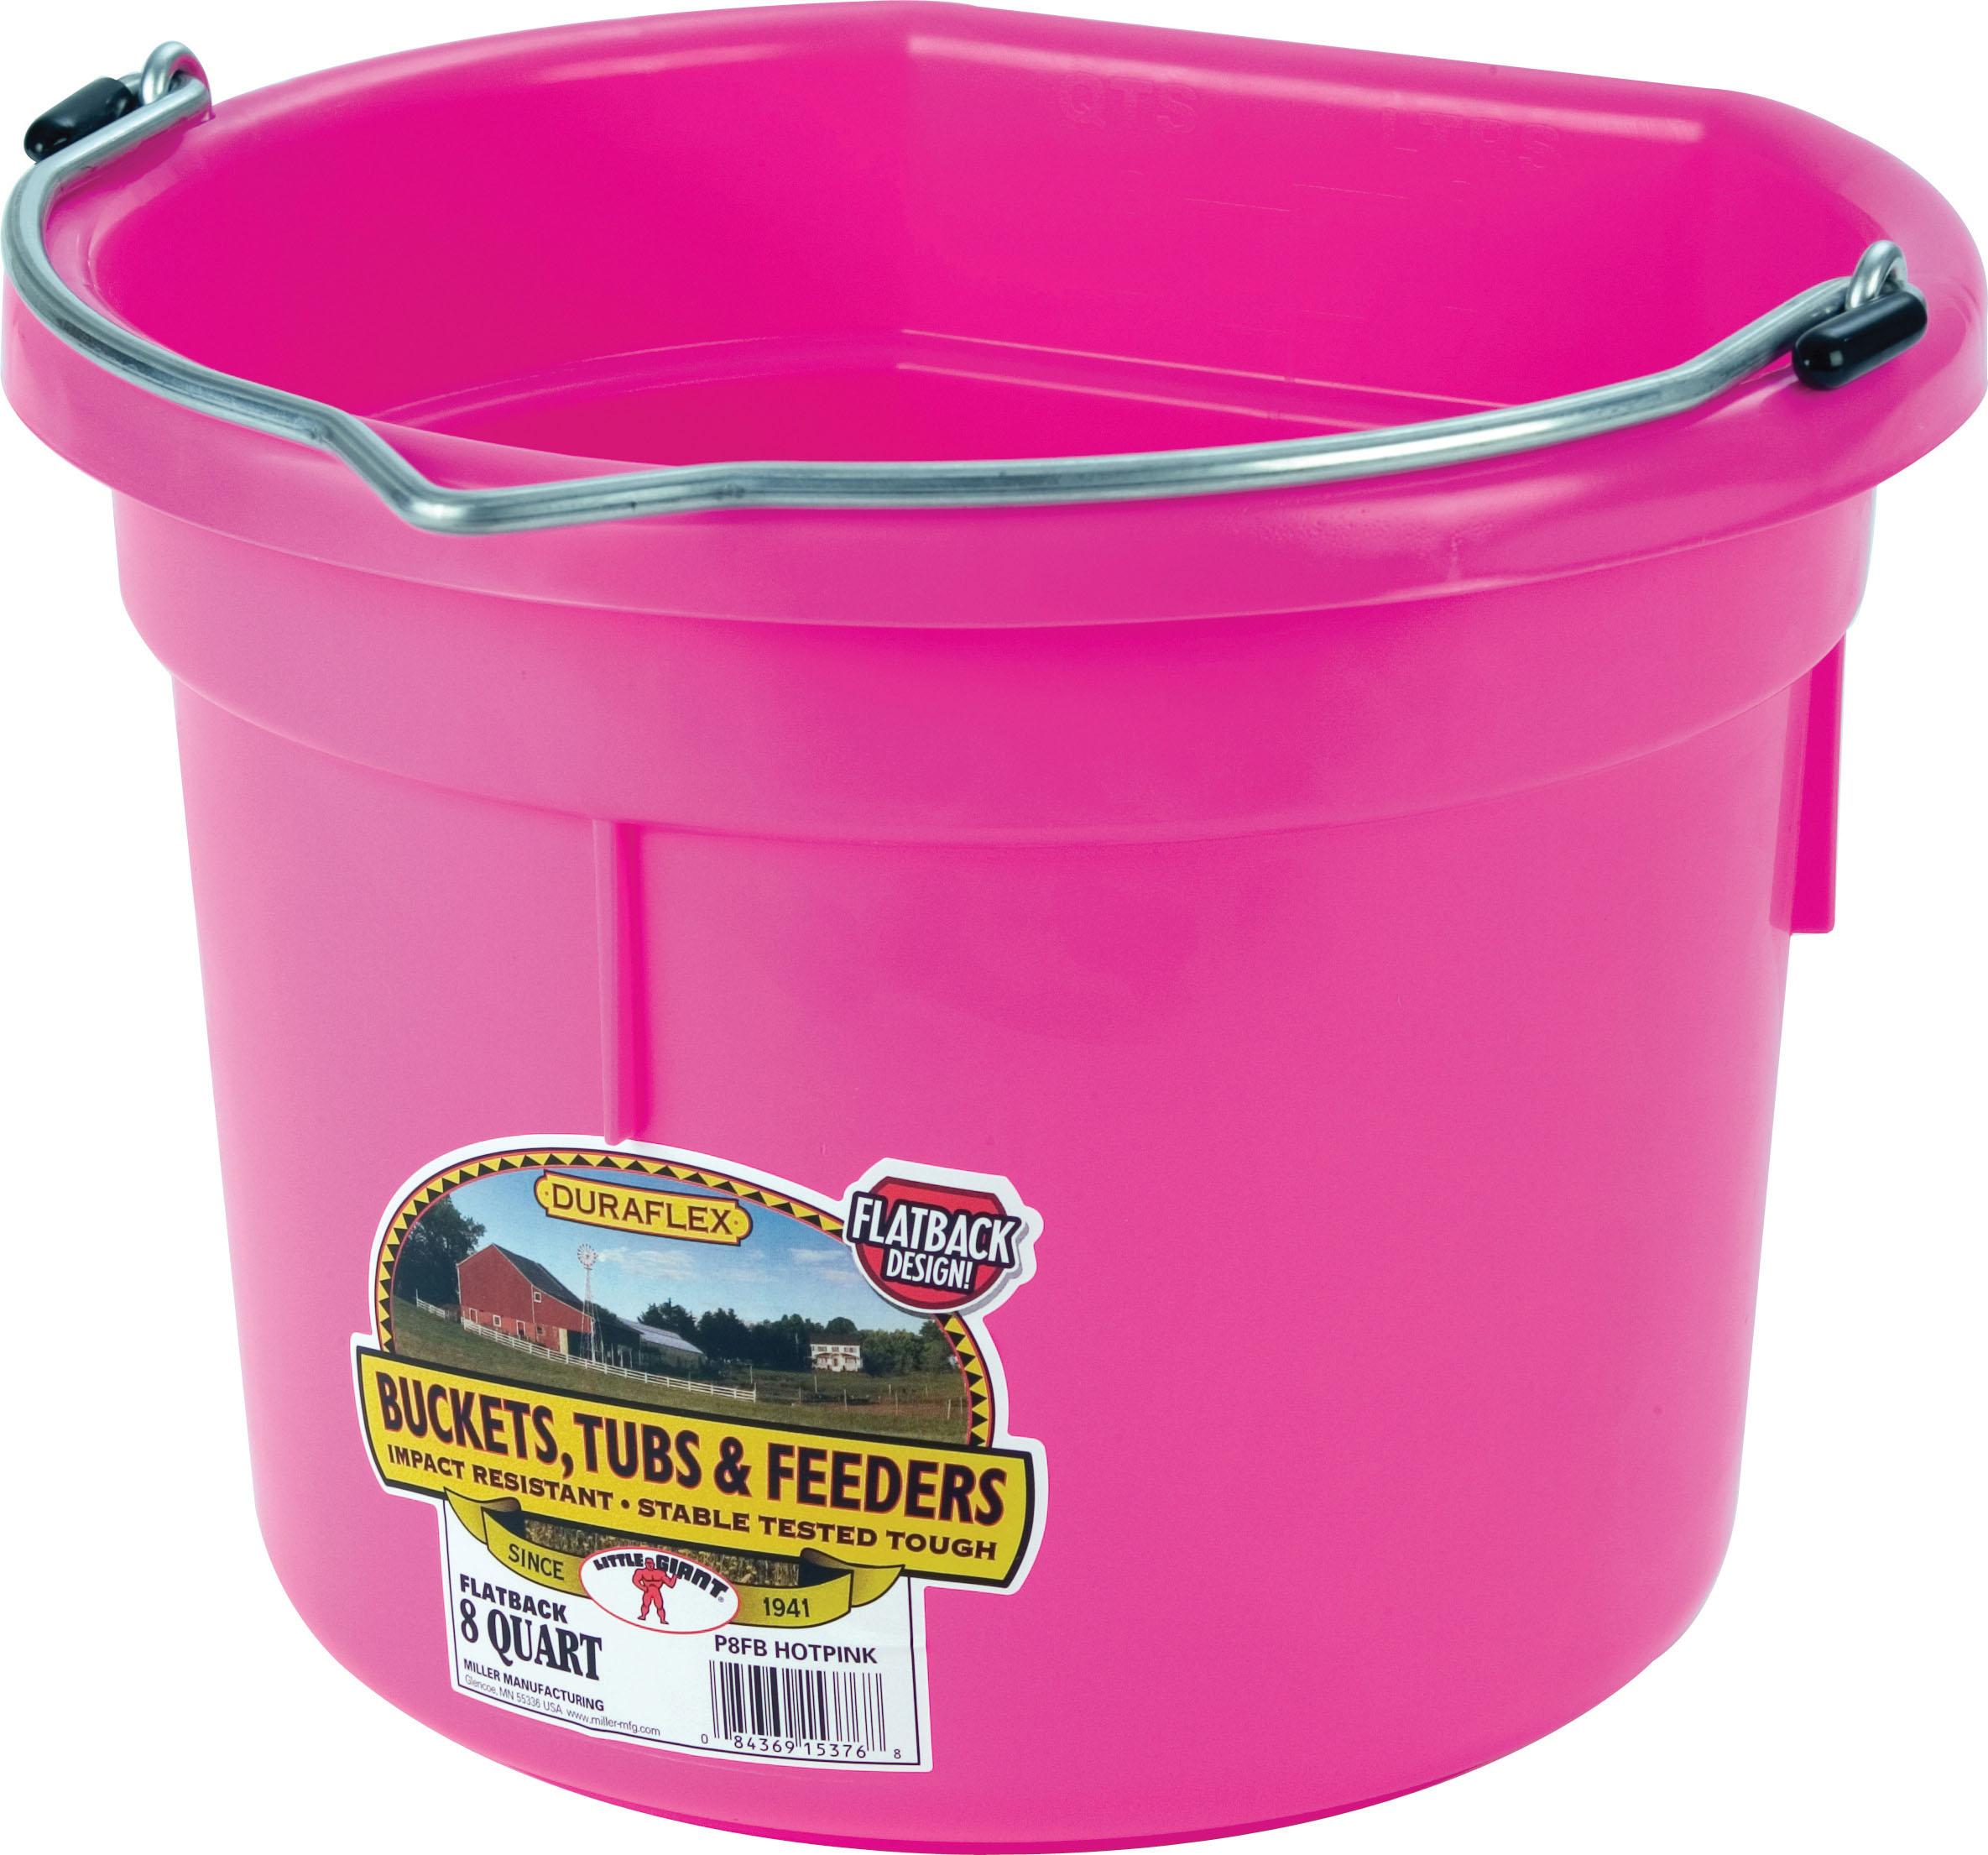 Miller Little Giant DuraFlex Flat-BackLivestock Bucket, Hot Pink, 8-qt